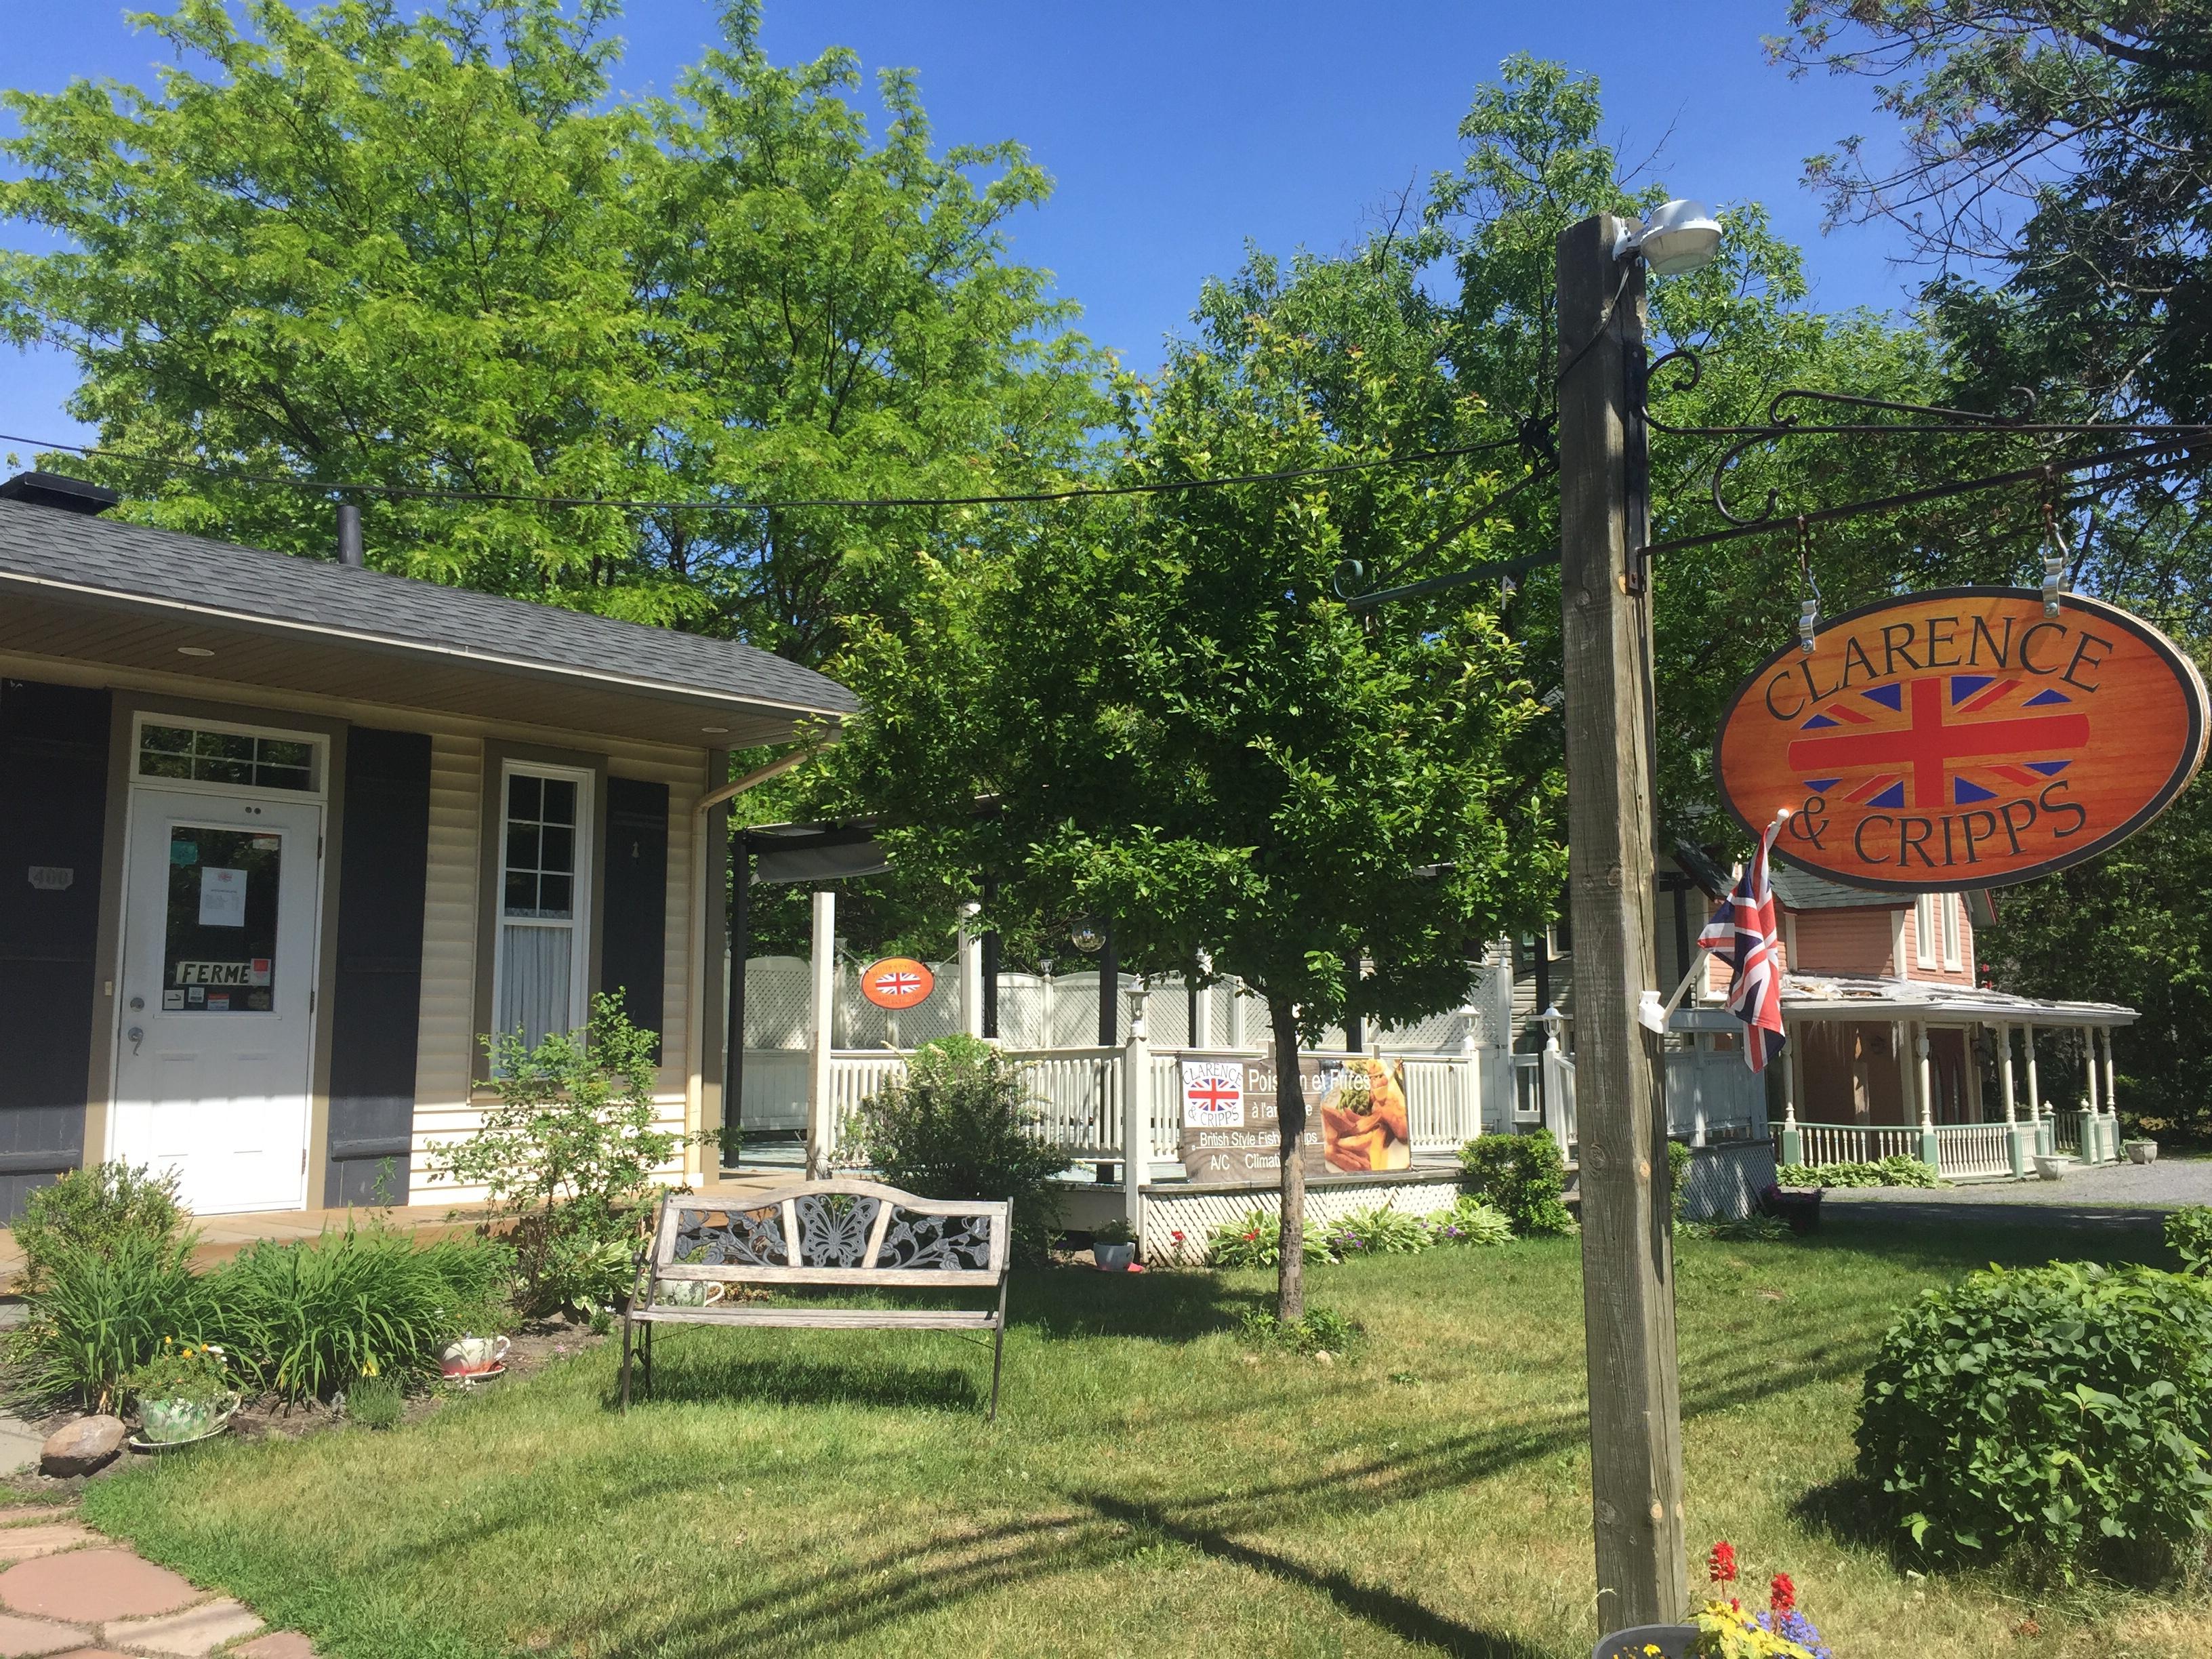 Petite maison, banc de parc, devanture gazonnée et signe en bois sur un poteau